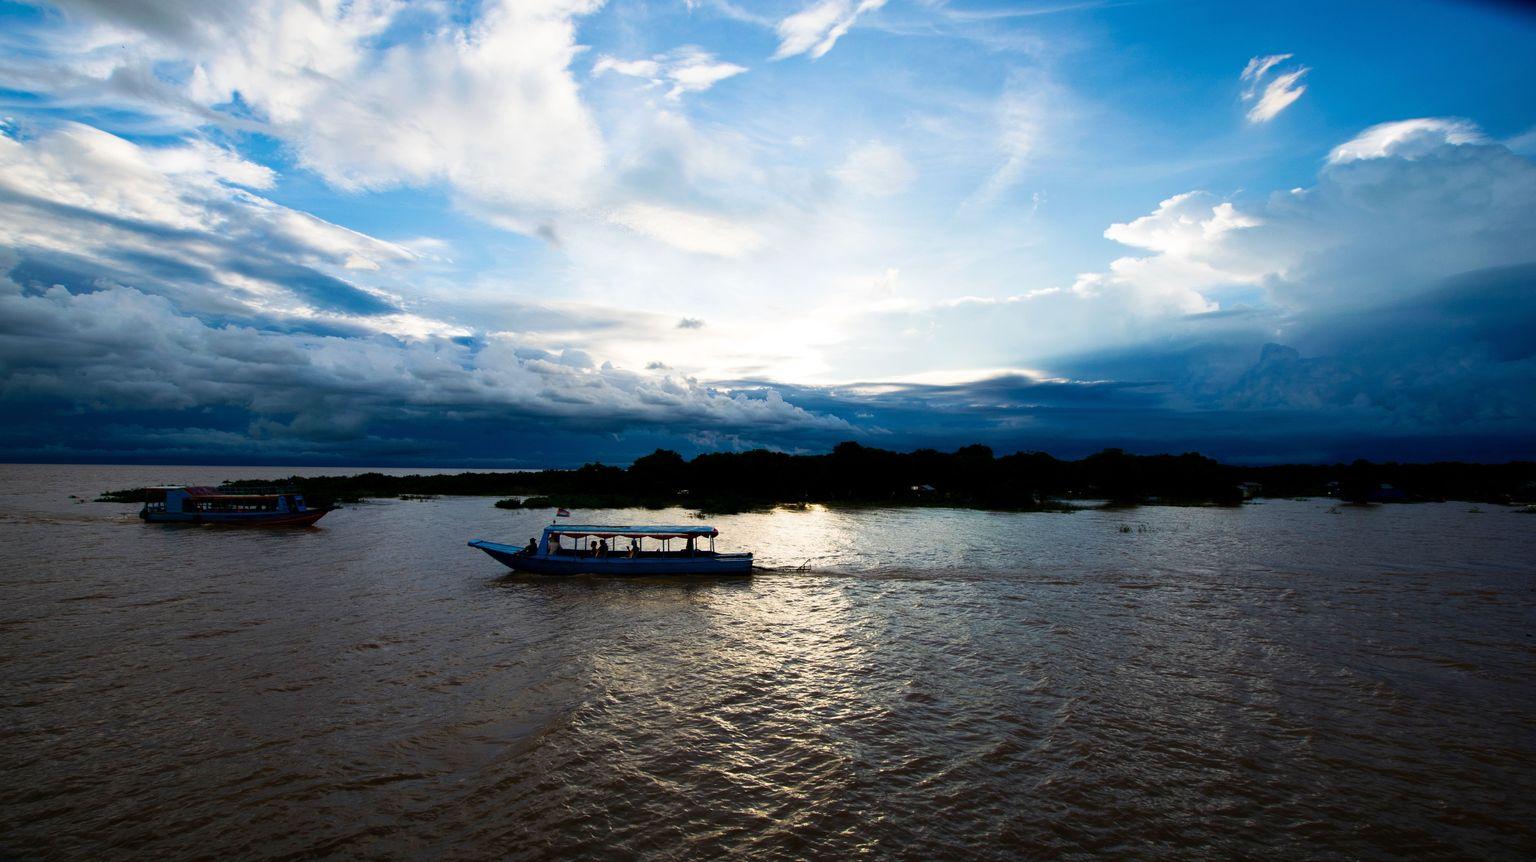 MÁS FOTOS, Cena al atardecer en el lago Tonle Sap con una visita al pueblo flotante